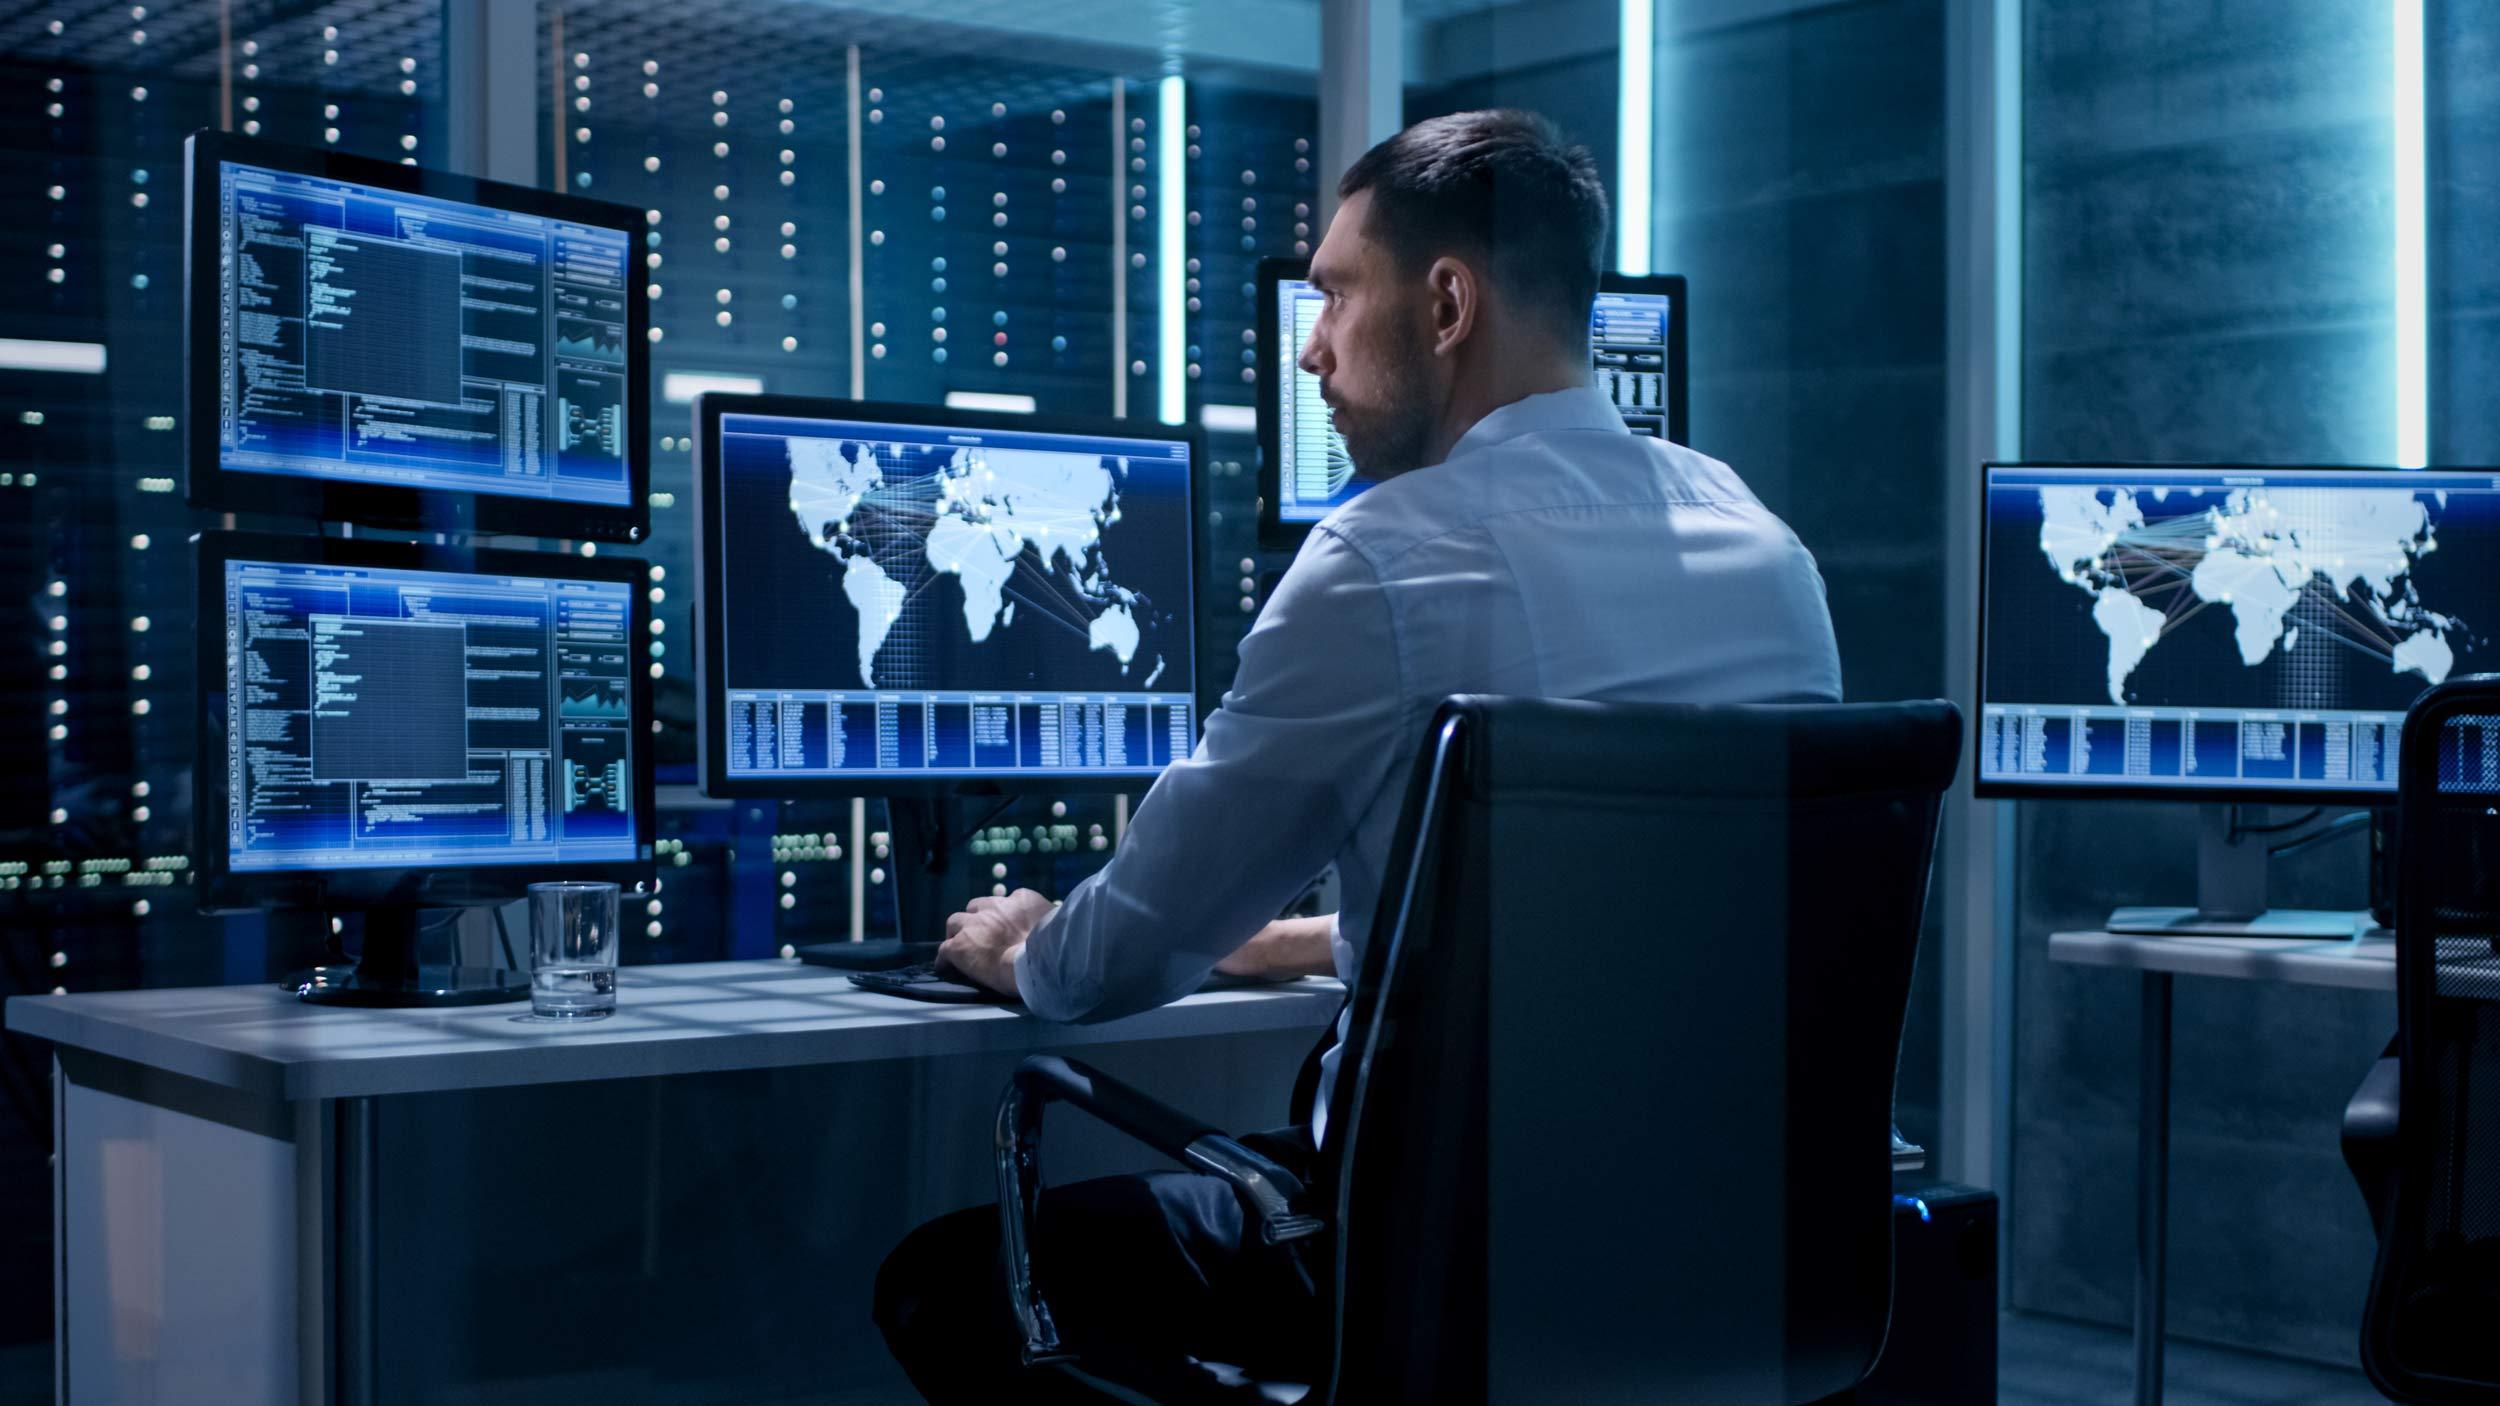 Ein SD-WAN kann die Anwender nicht nur mit den IT-Ressourcen im Rechenzentrum verbinden, sondern auch mit Services in der Cloud.